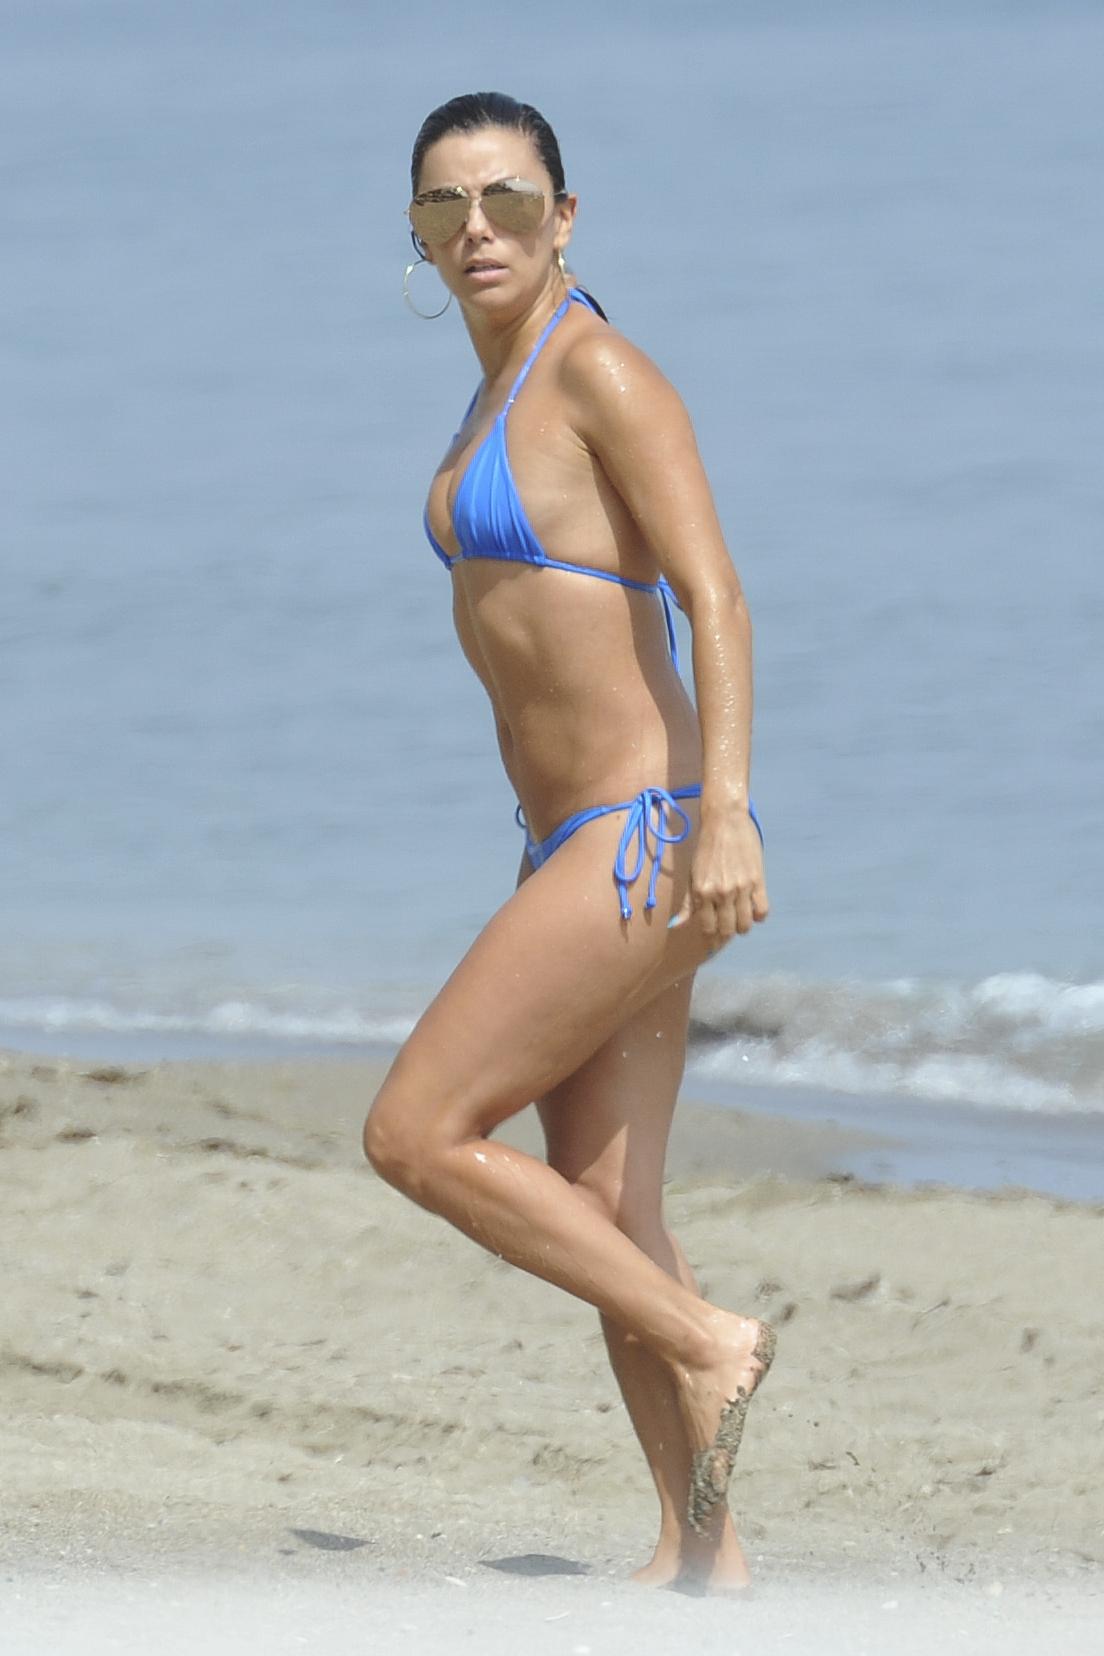 Eva Longoria in Blue Bikini -26 - GotCeleb Eva Longoria 2016